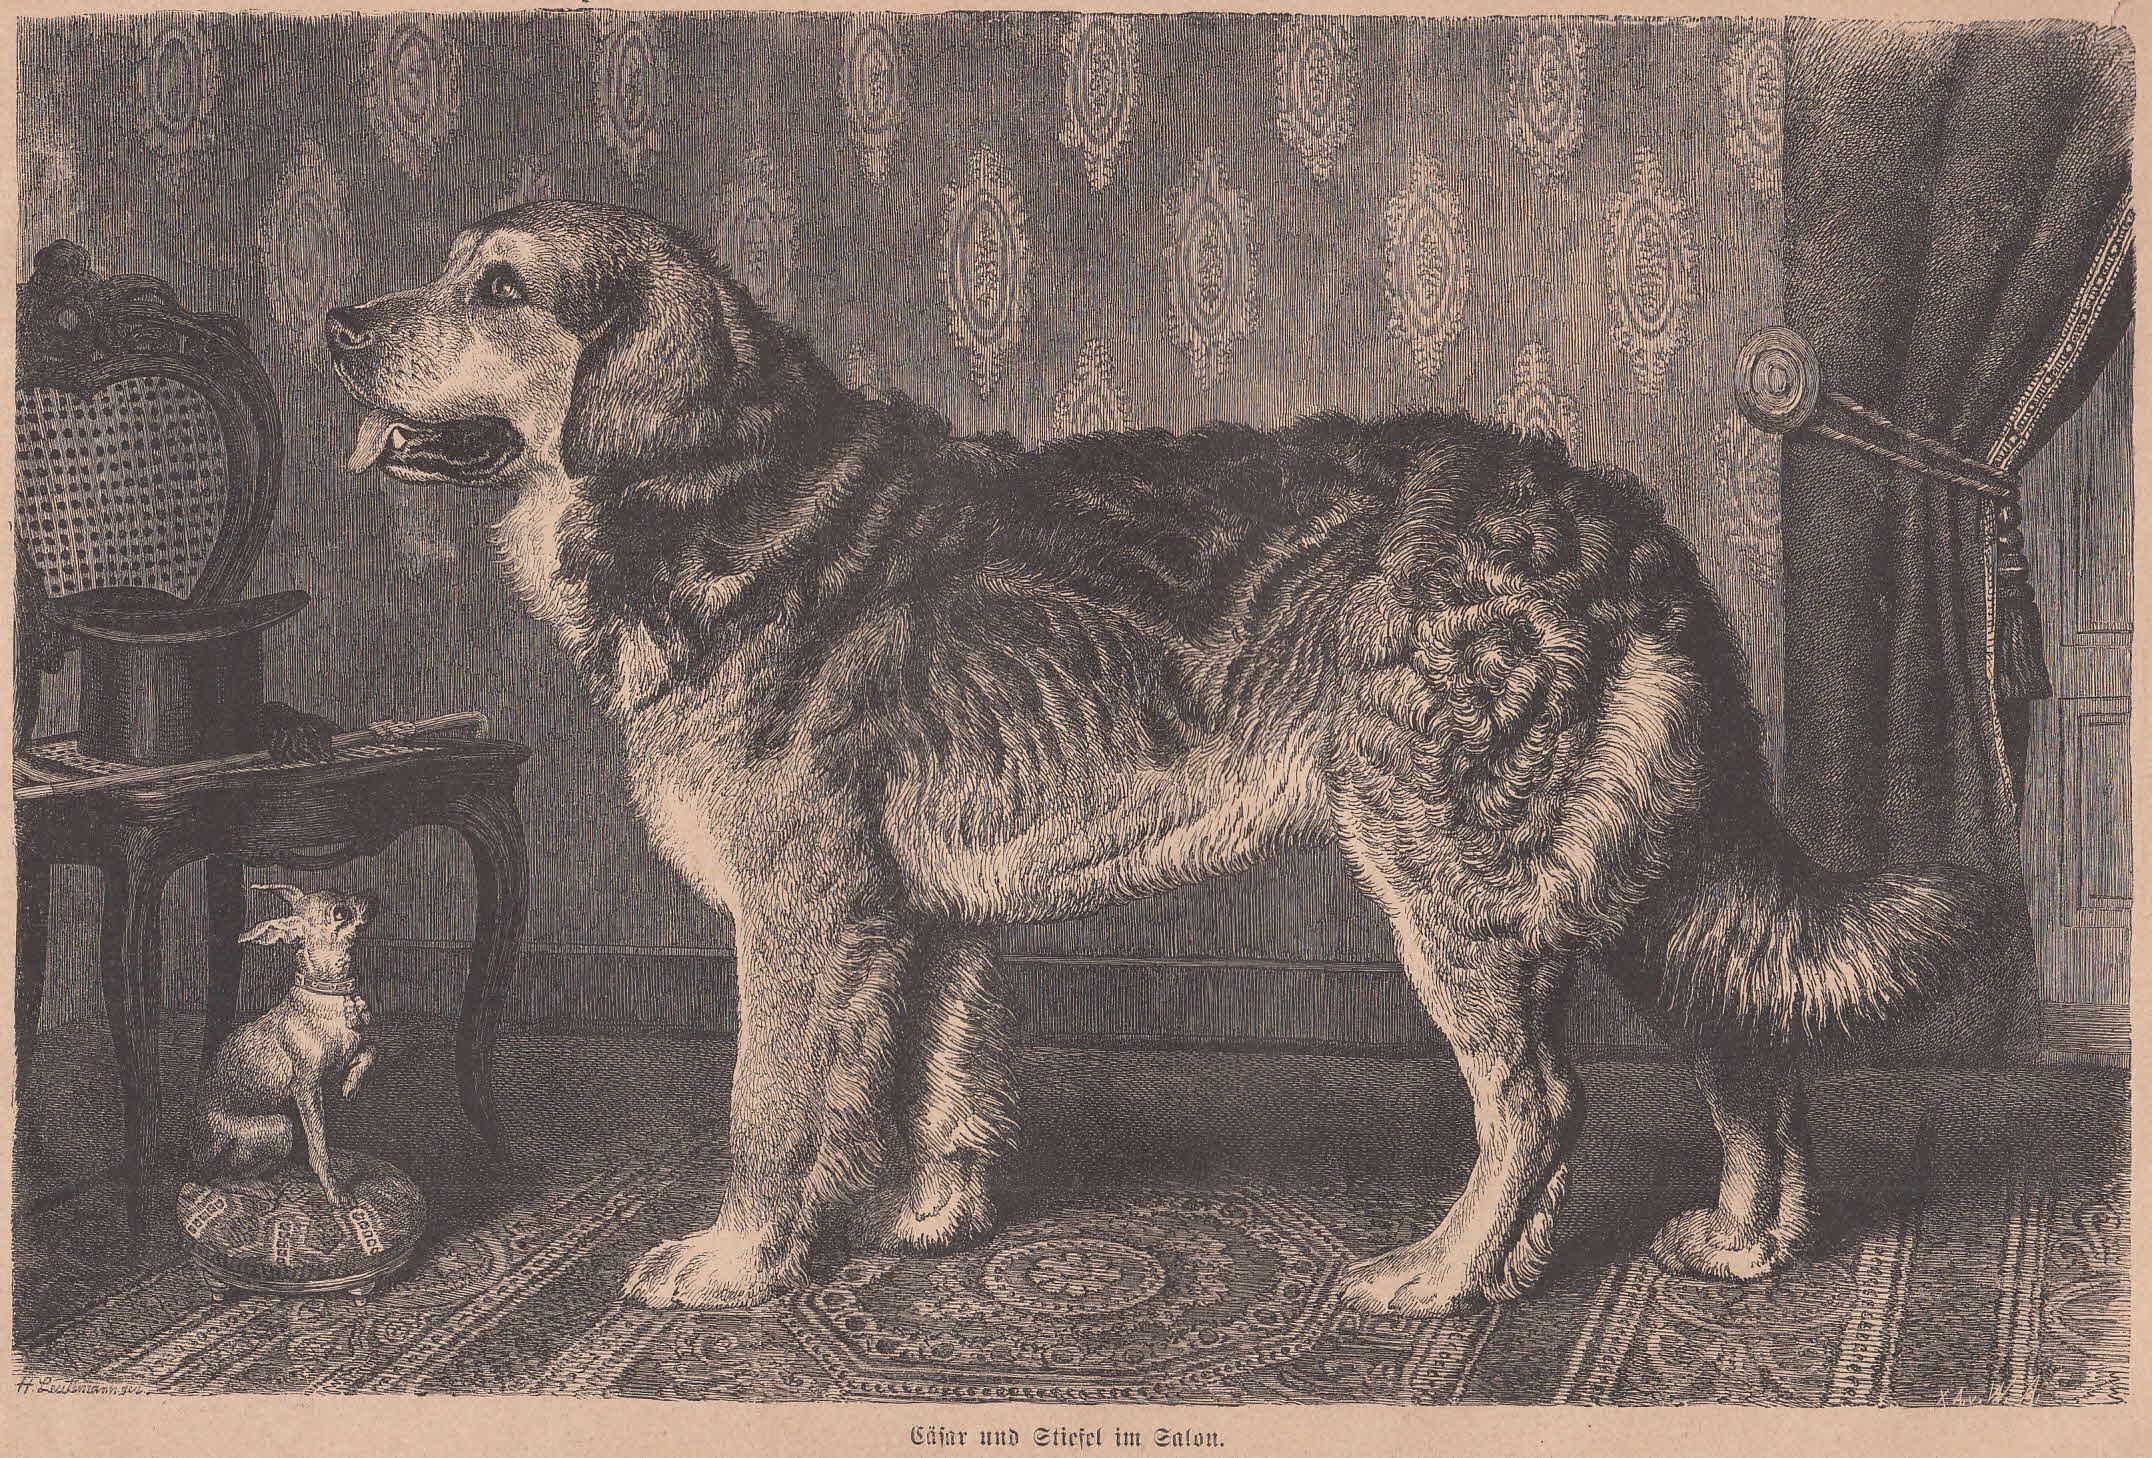 Cool Schöne Hunderassen Referenz Von Cäsar (ein Leonberger) Und Stiefel (ein Rehpinscher)